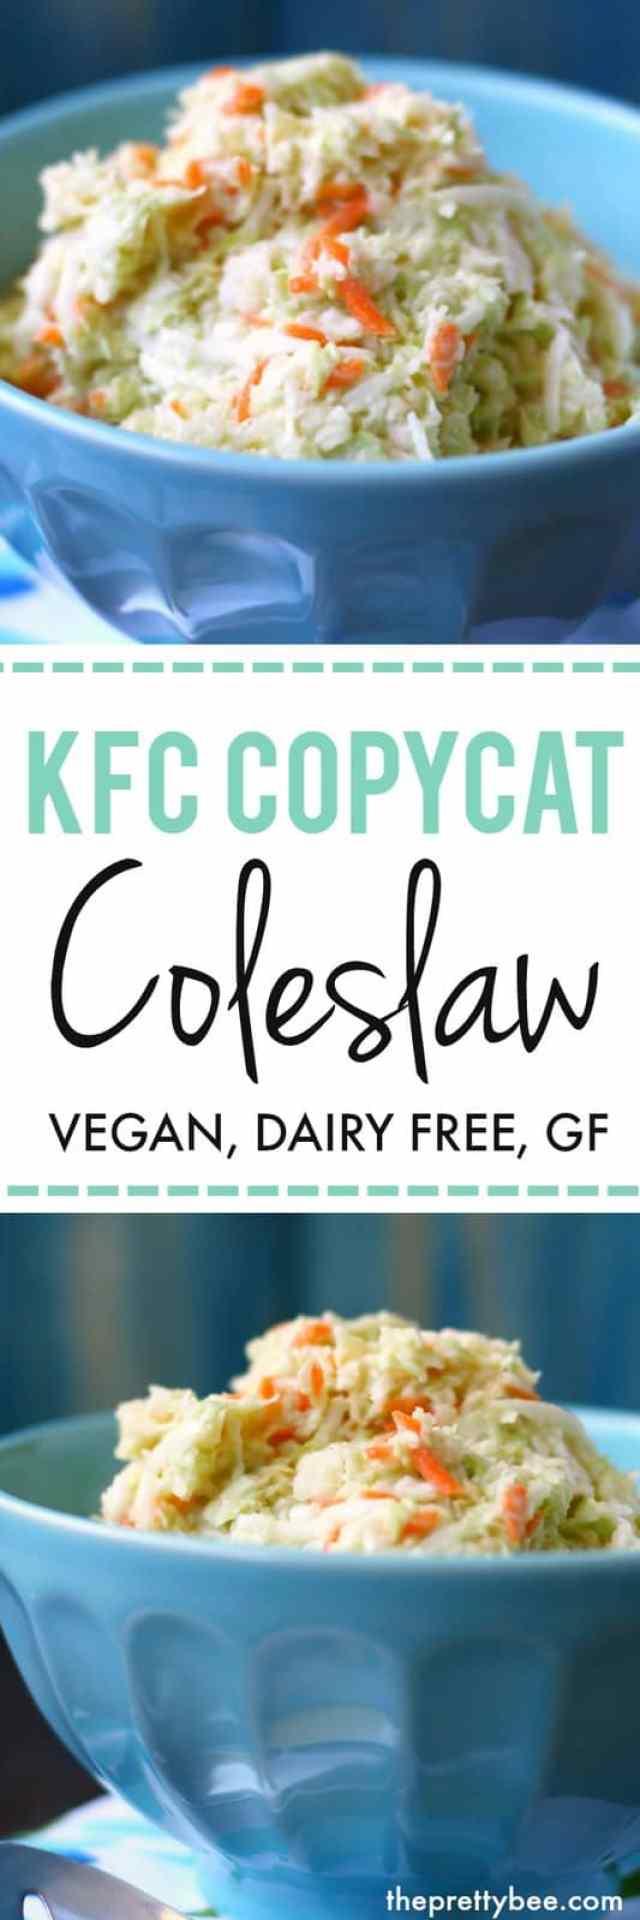 copycat kfc coleslaw